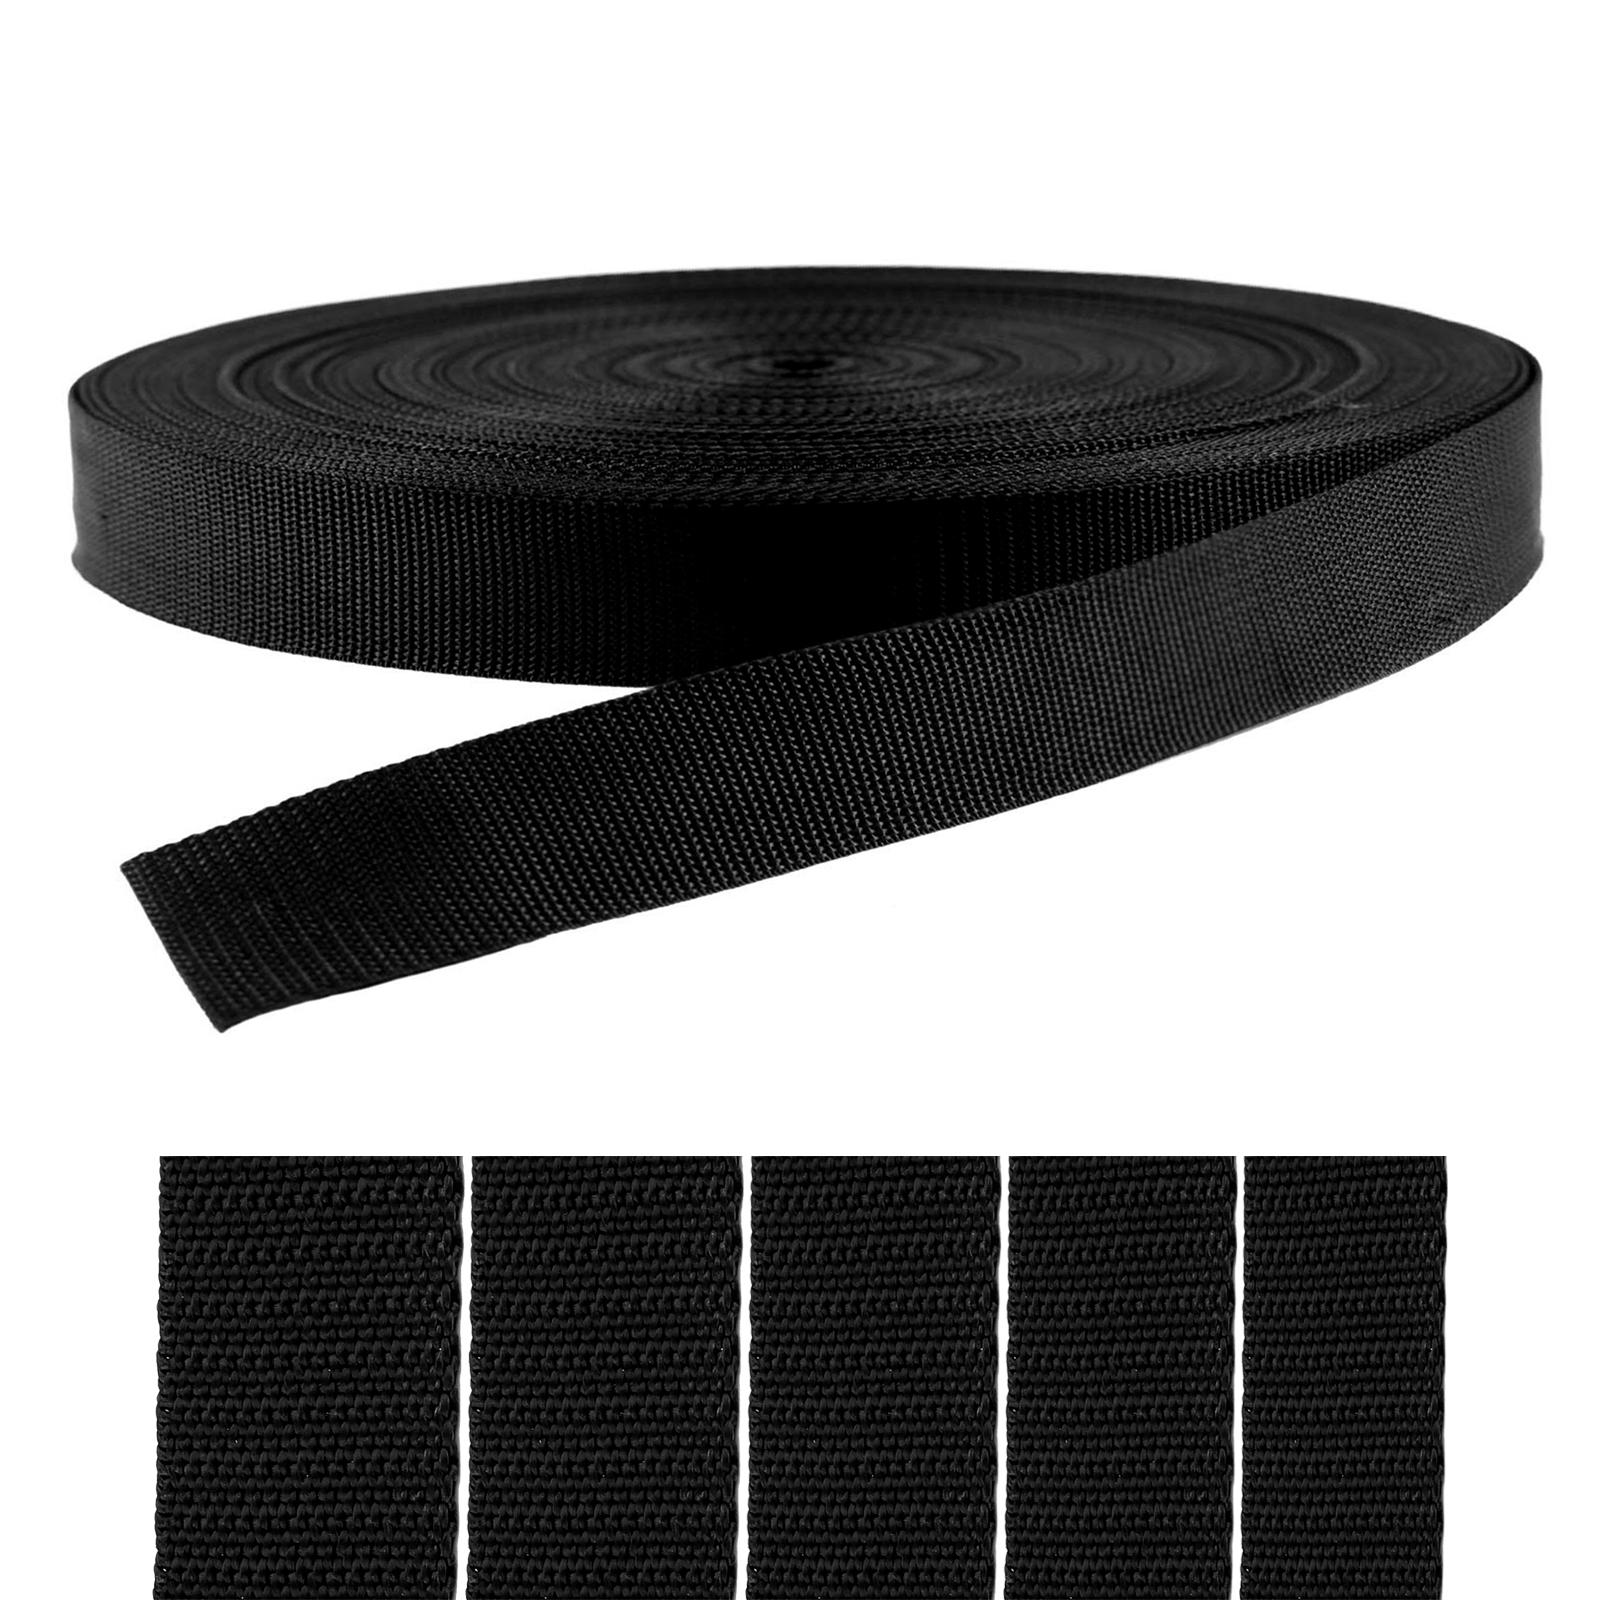 50m PP Gurtband, Polyester, 1,3mm stark, Wähle deine Größe und Farbe – Bild 4